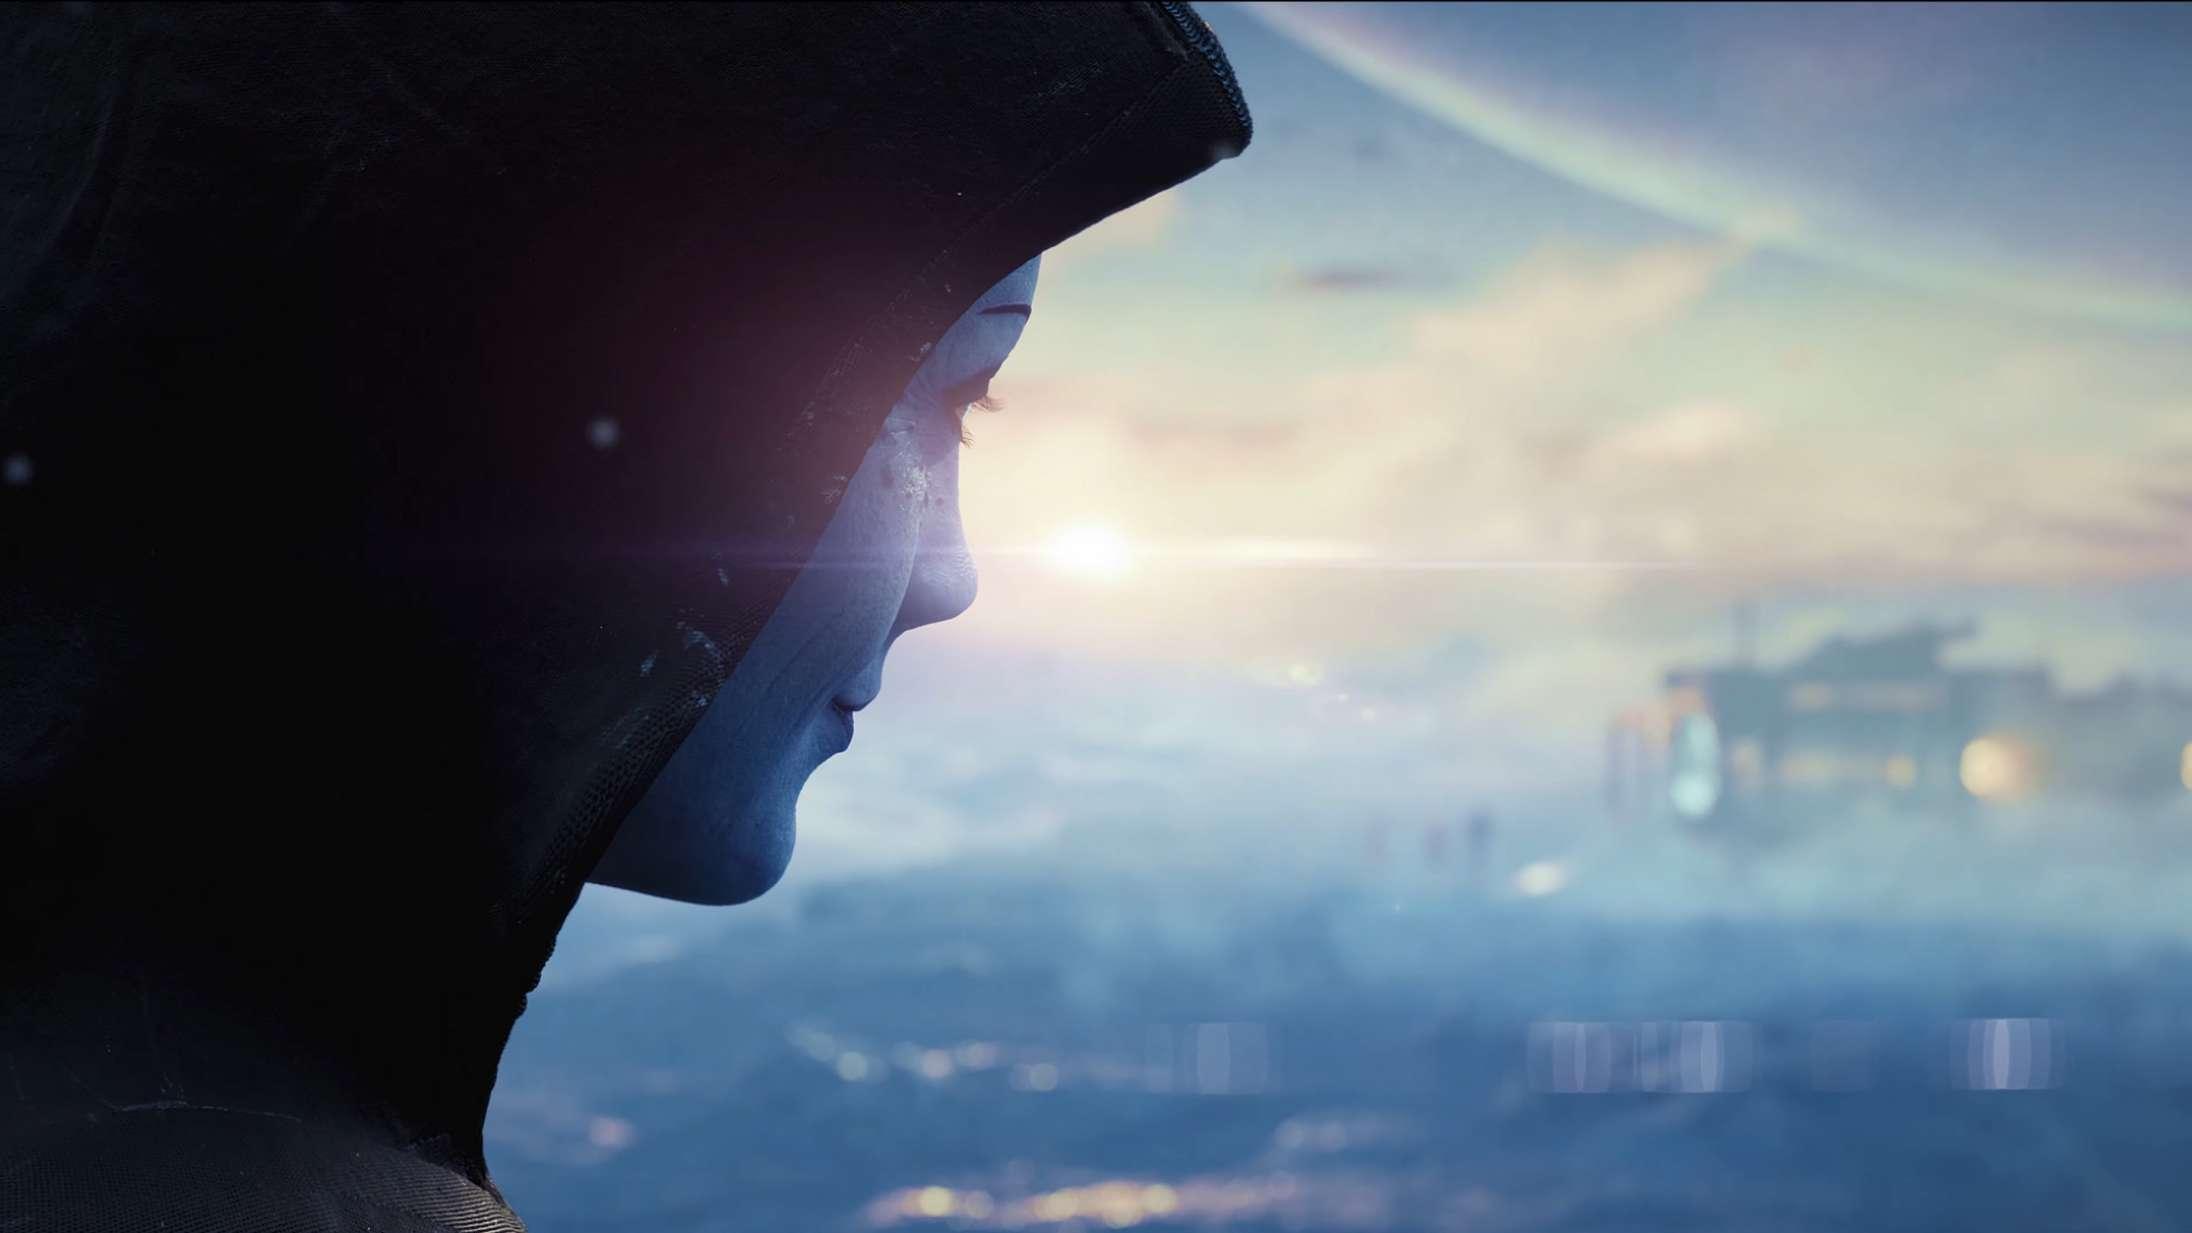 Fra 'Mass Effect' til 'Perfect Dark': Her er de største annonceringer og overraskelser fra The Game Awards 2020